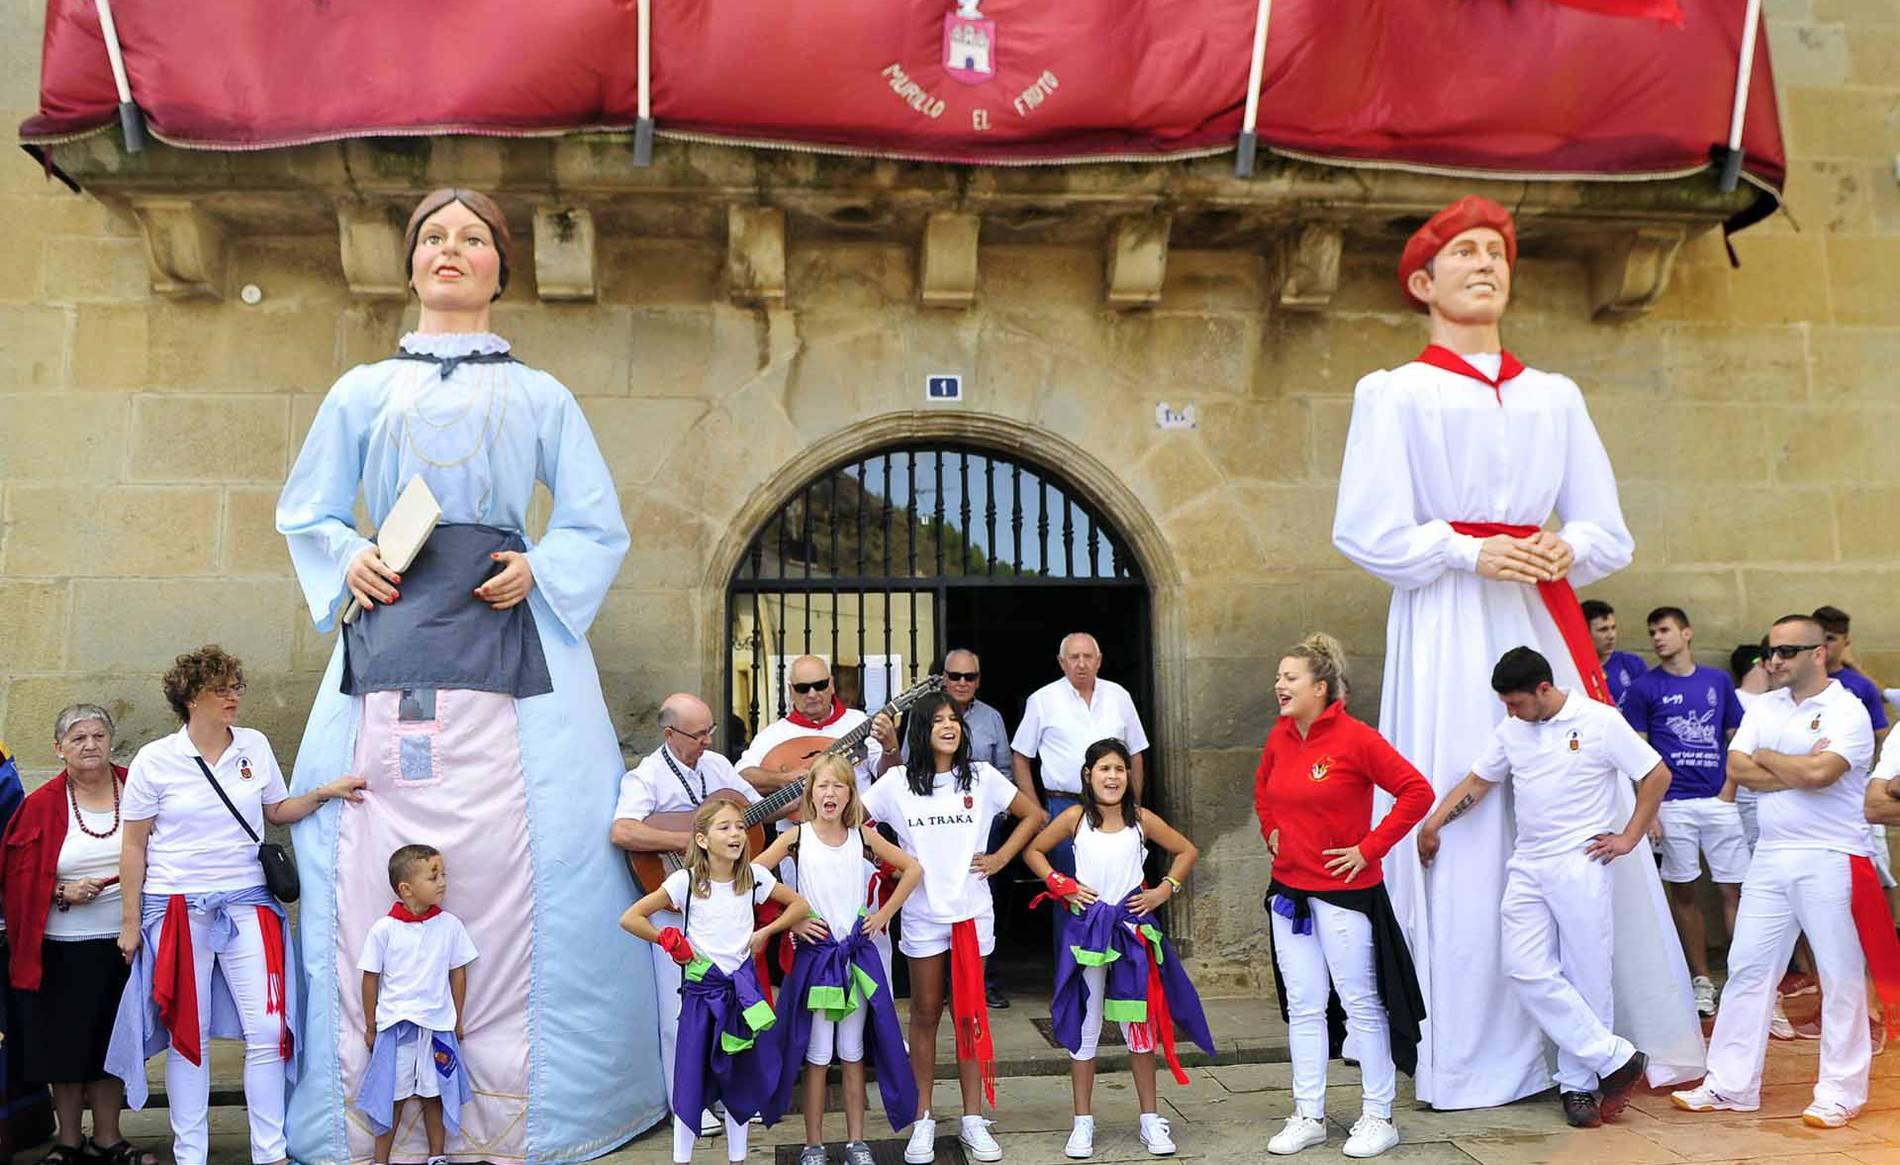 Murillo el Fruto disfruta de su cohete festivo (1/24) - Imágenes del cohete de fiestas en Murillo del Fruto - Tafalla y Zona Media -